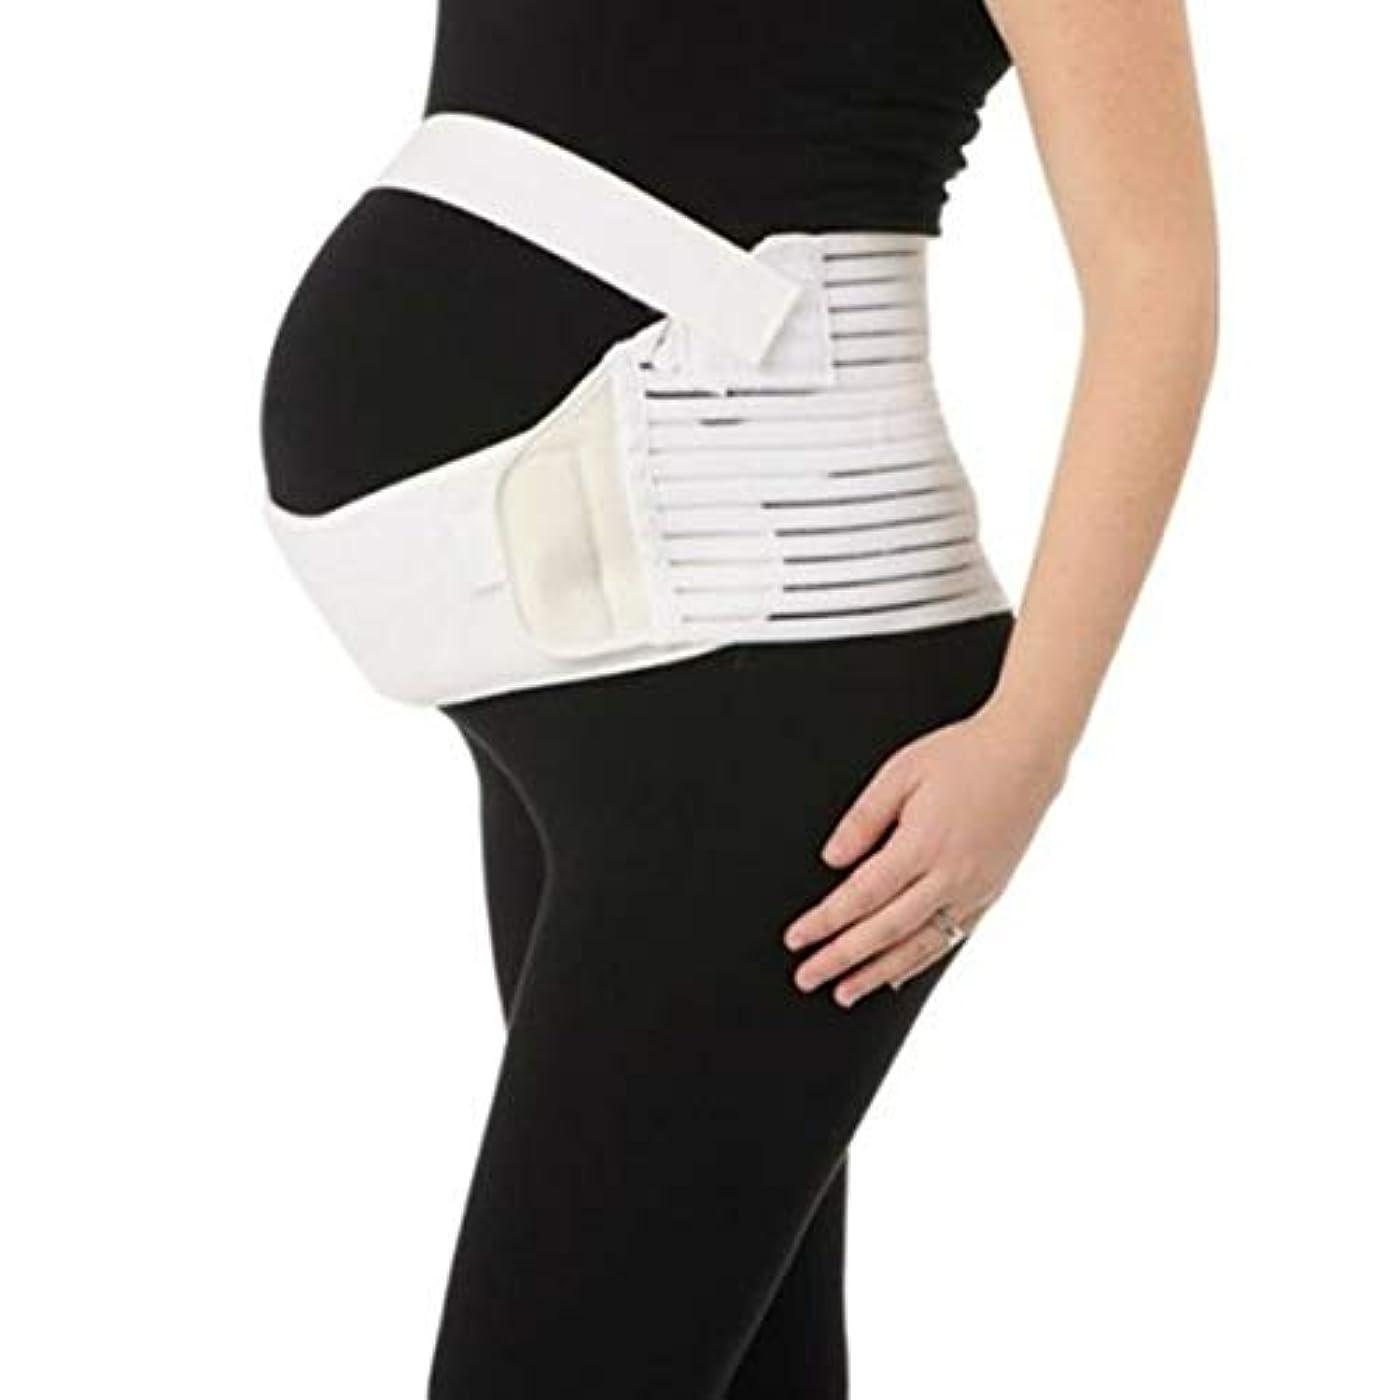 銀河鉱夫ロック通気性産科ベルト妊娠腹部サポート腹部バインダーガードル運動包帯産後の回復形状ウェア - ホワイトM